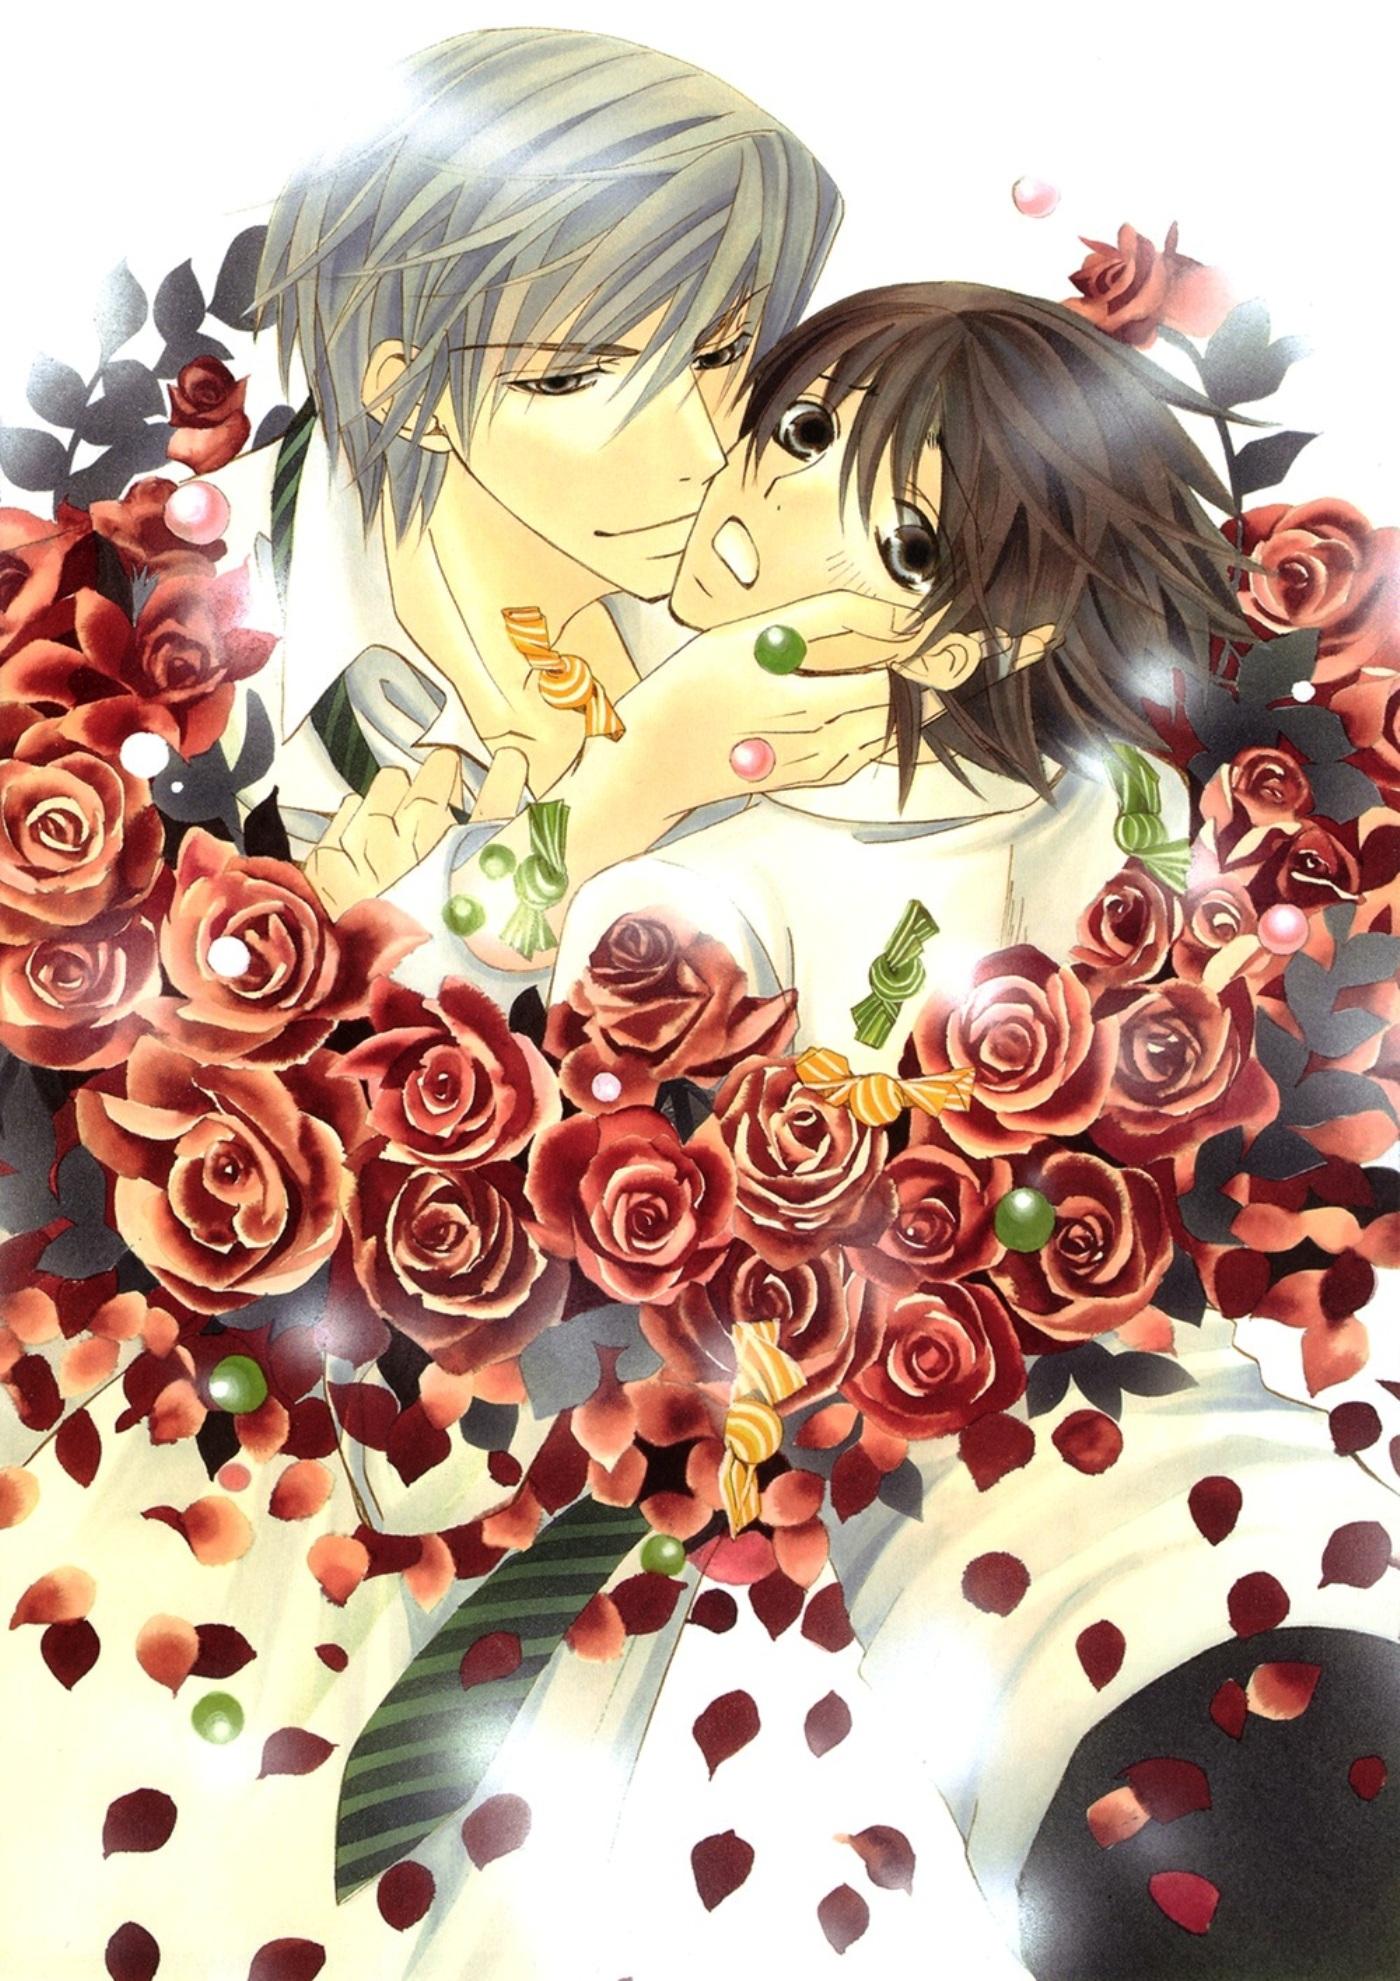 Junjou Romantica   page 8 of 20 - Zerochan Anime Image Board